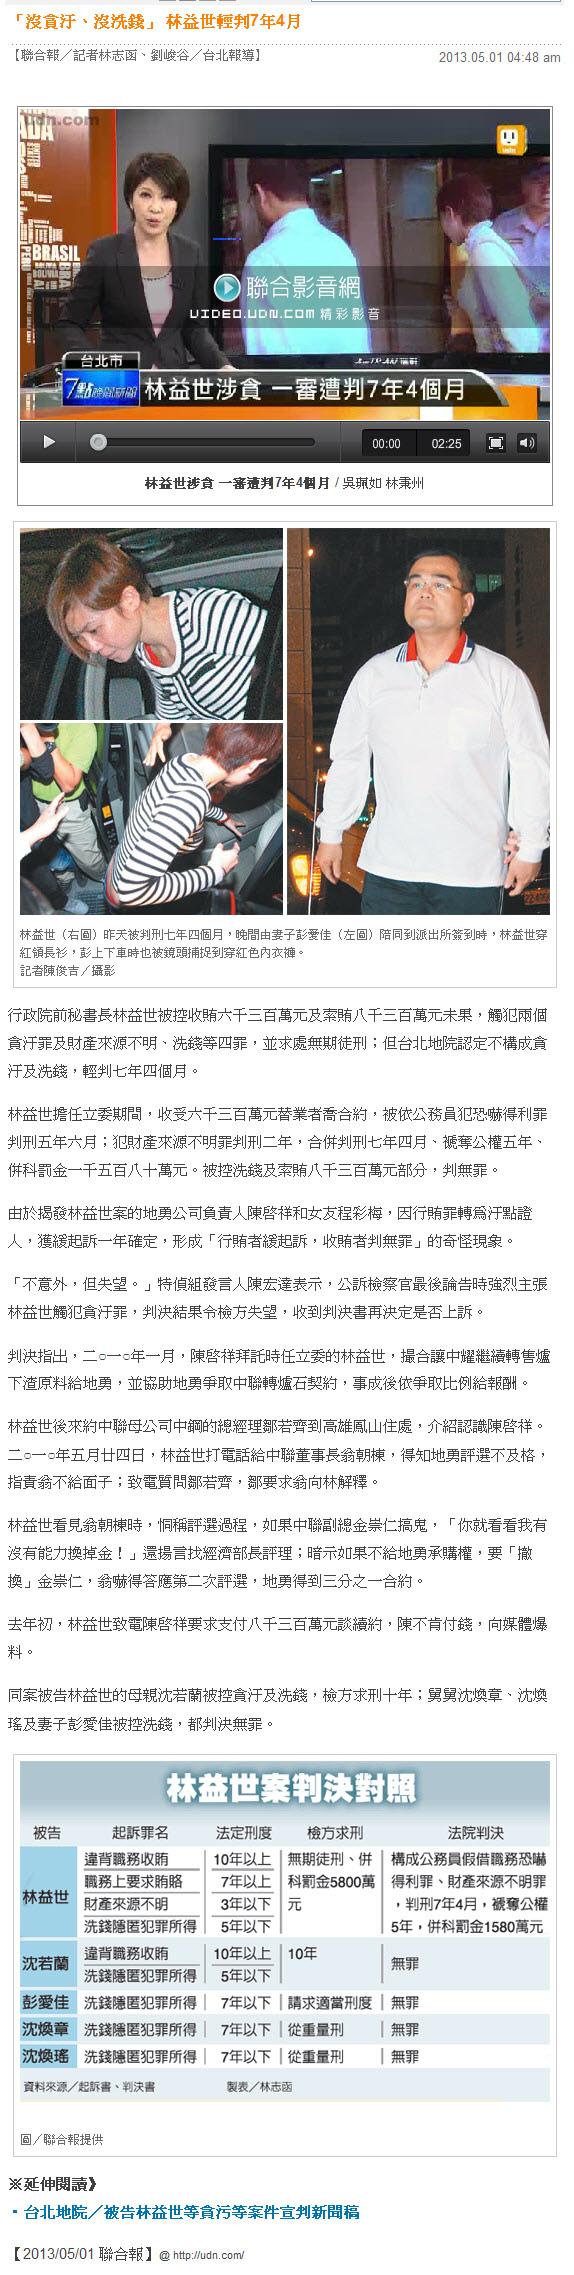 「沒貪汙、沒洗錢」 林益世輕判7年4月-2013.05.01-01.jpg